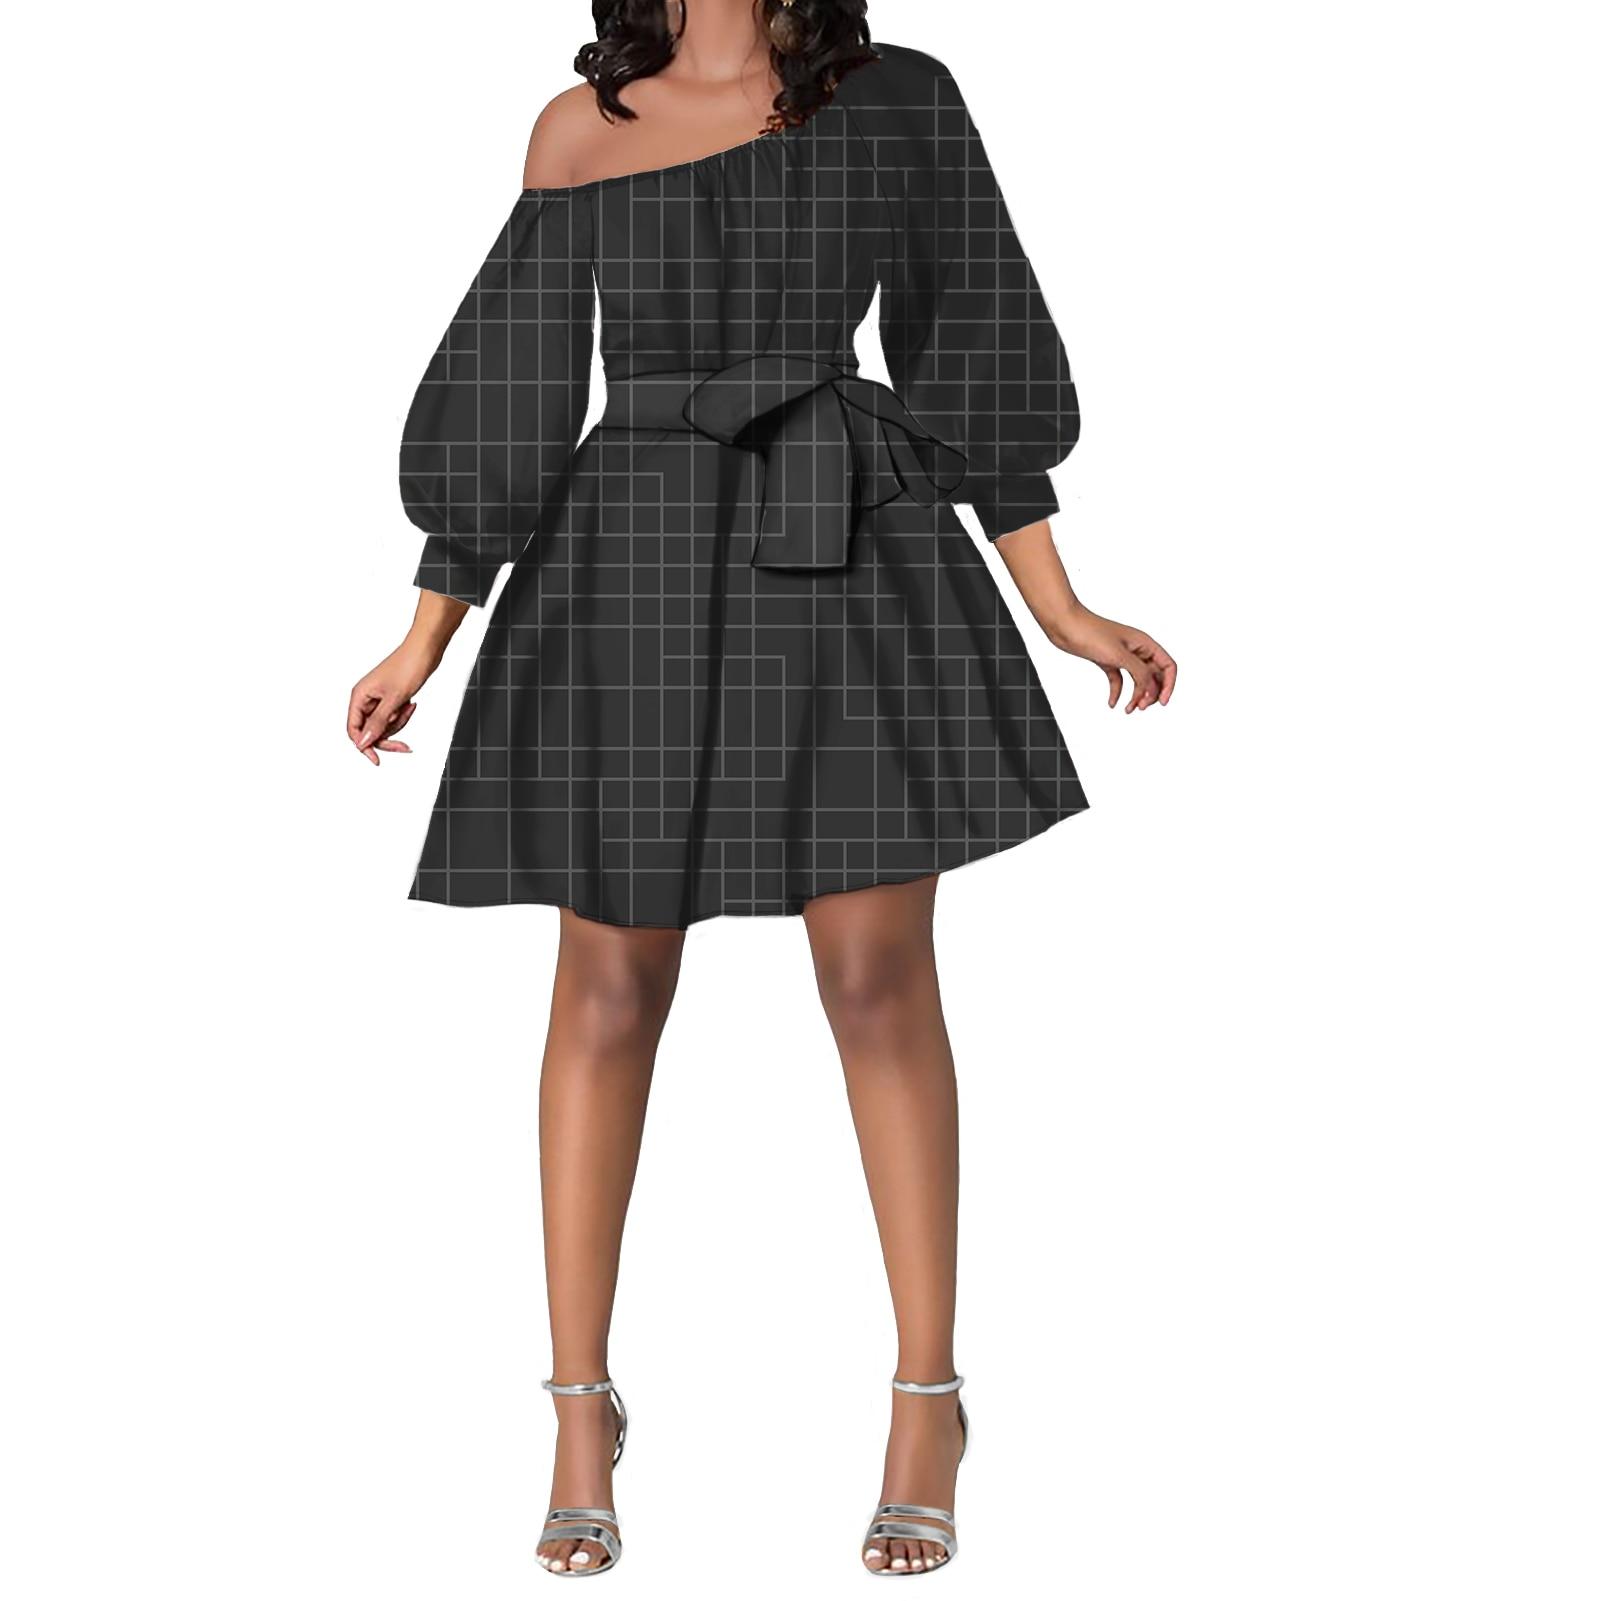 نقية الصلبة خط مثير ضئيلة الكتف مطاطا يتقلص فستان قصير فستان الصيف طباعة رقيق قطعتين قمة الموضة طباعة فستان رداء